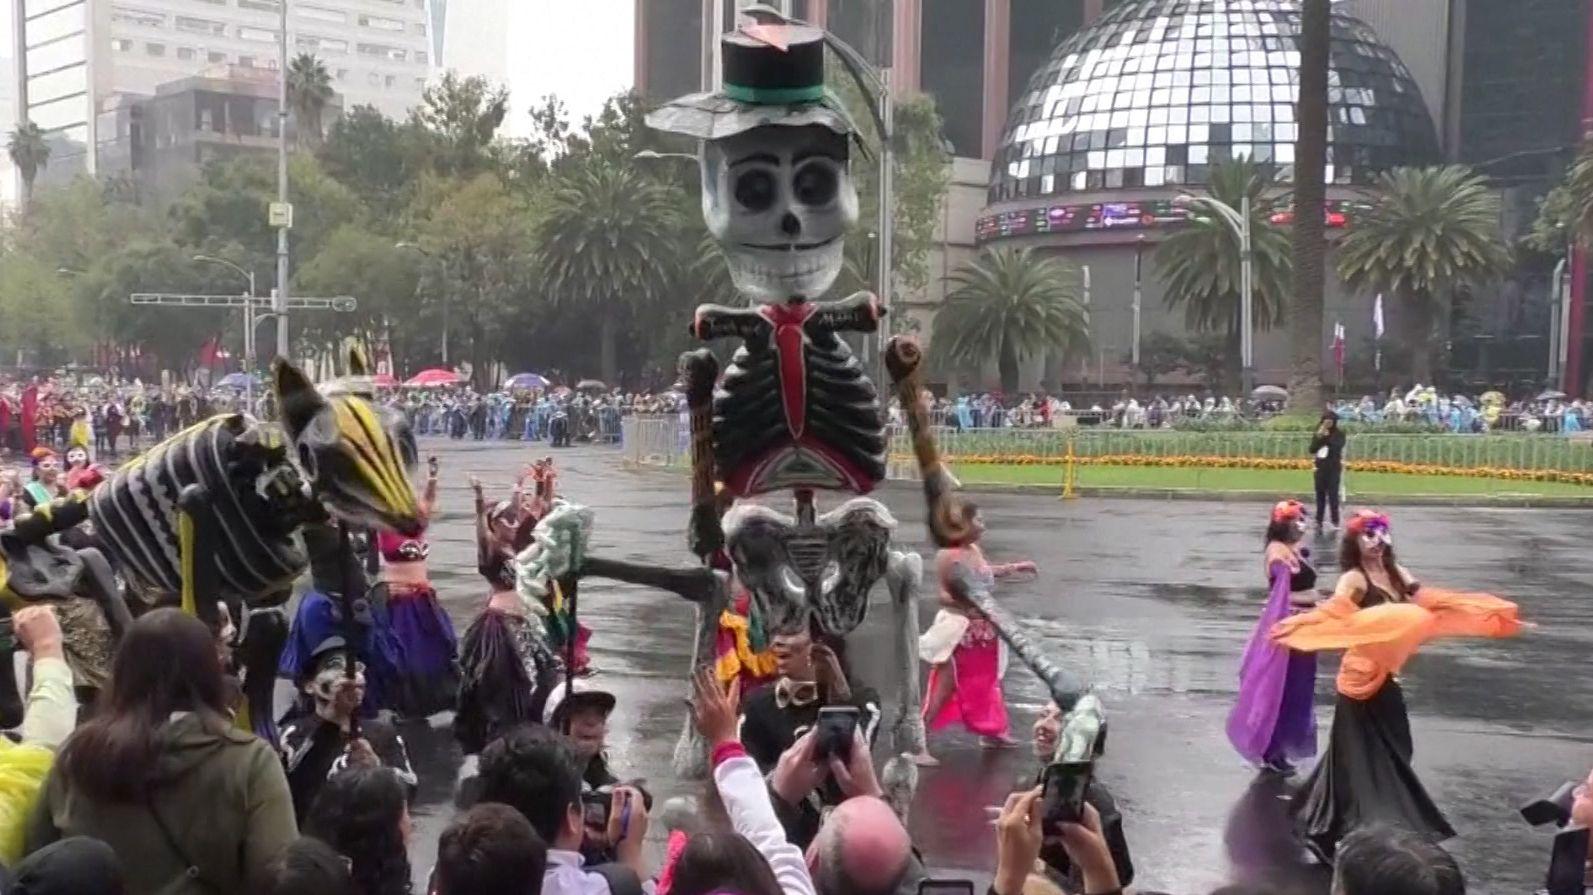 Tanzende Skelette und überlebensgroße Puppen in den Straßen Mexikos